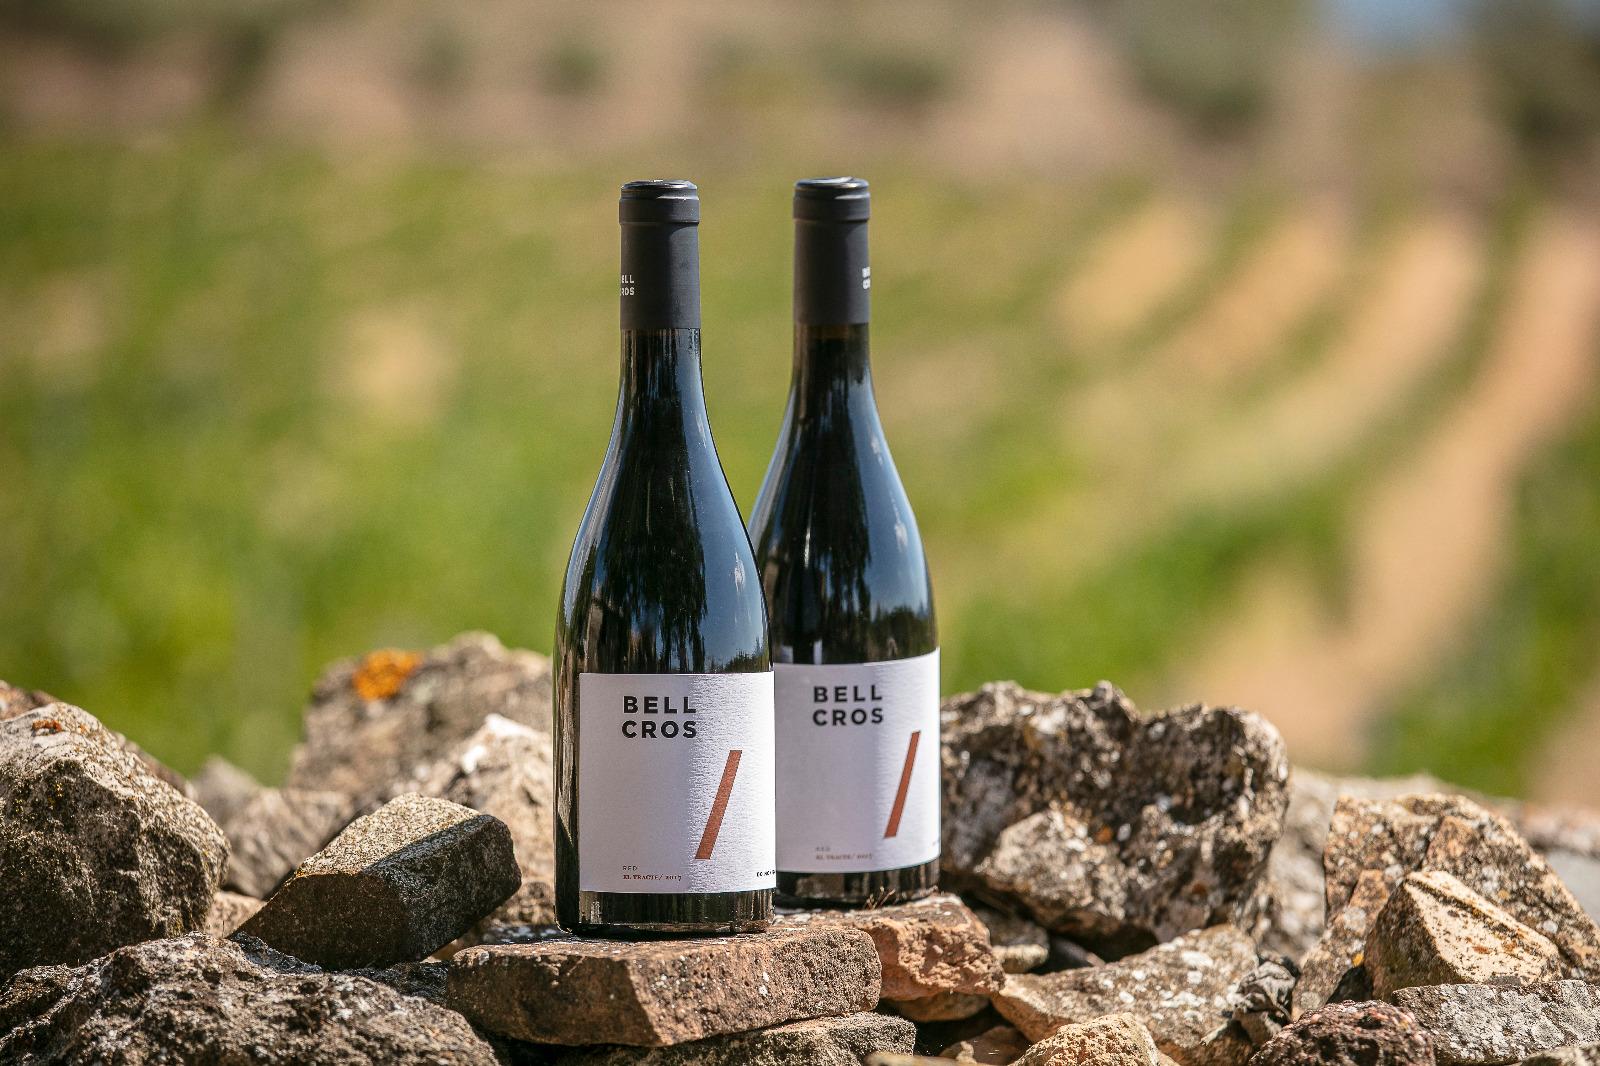 Bell Cros, un nuevo proyecto vitivinícola con orígenes suecos que apuesta por el respeto al entorno y el paisaje